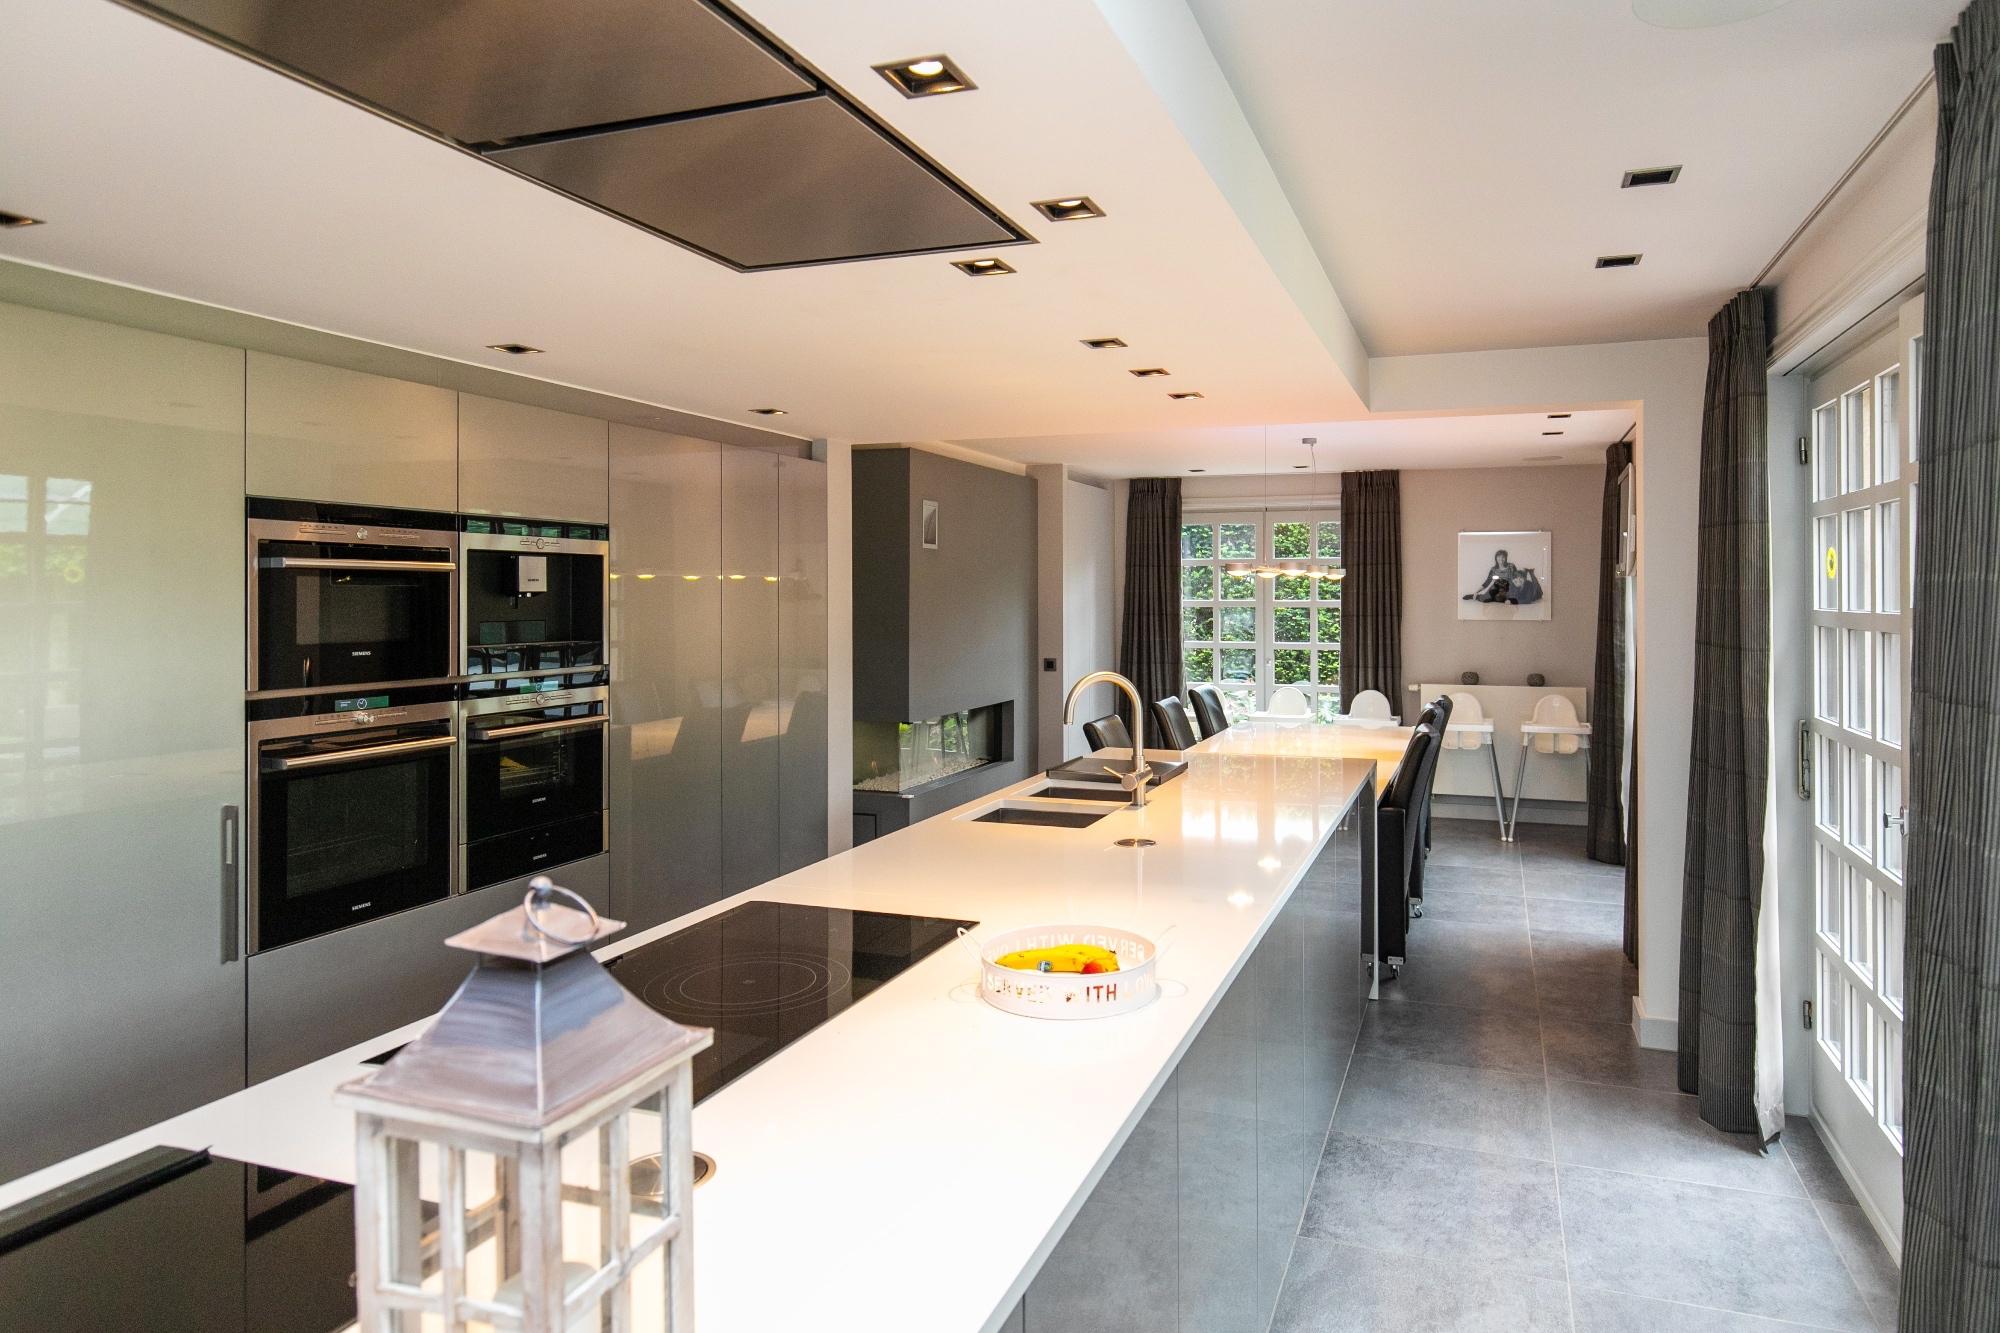 Vk Design Keukens : Vk vastgoed uitzonderlijke villa op 8 ha! met buitenzwembad